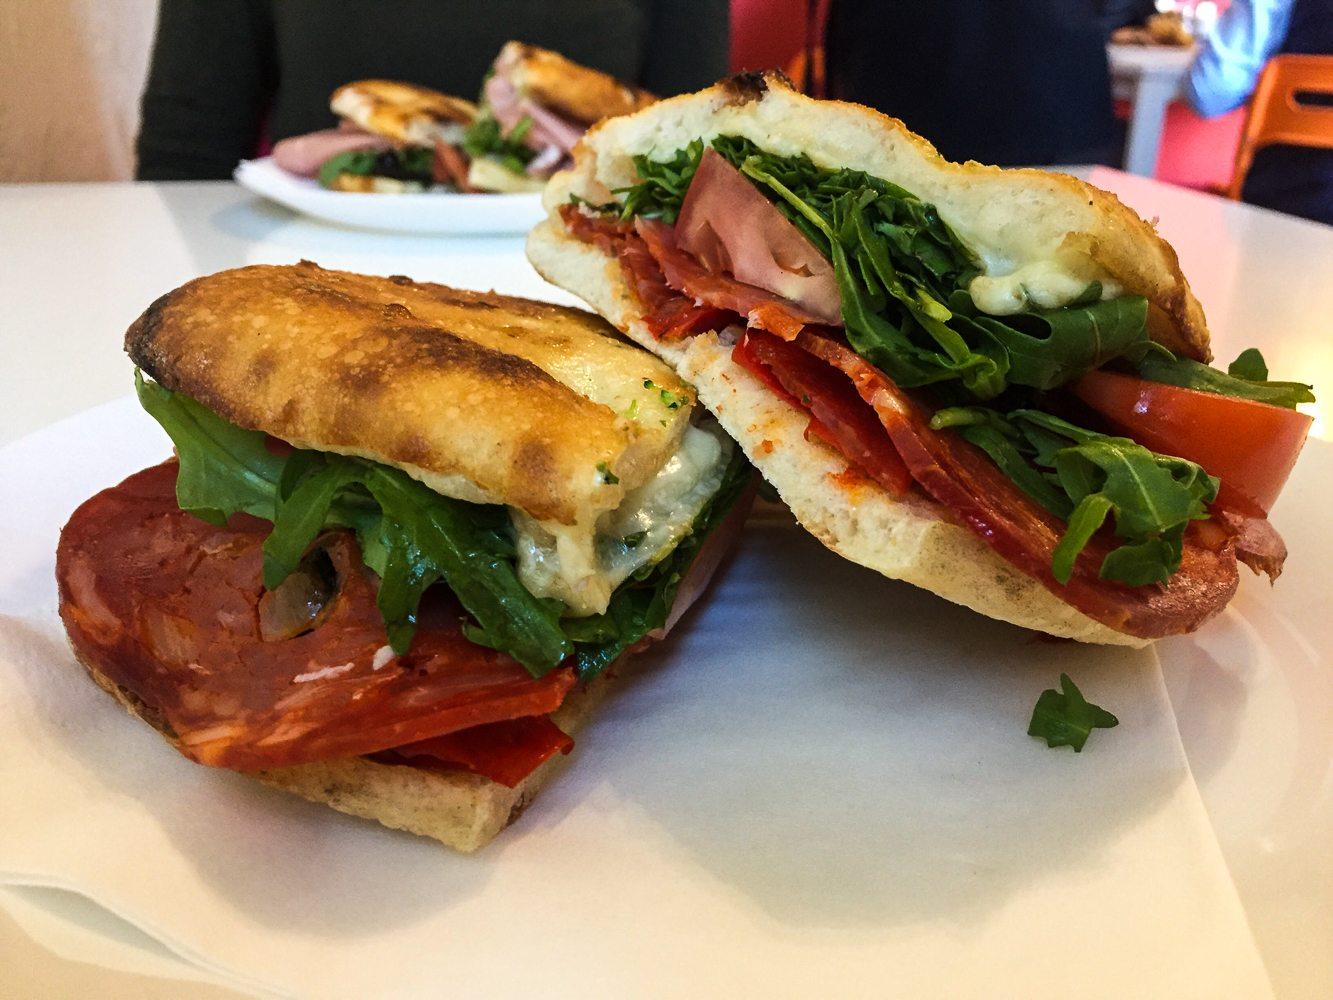 Co Zjeść We Włoszech 12 Potraw Których Trzeba Spróbować